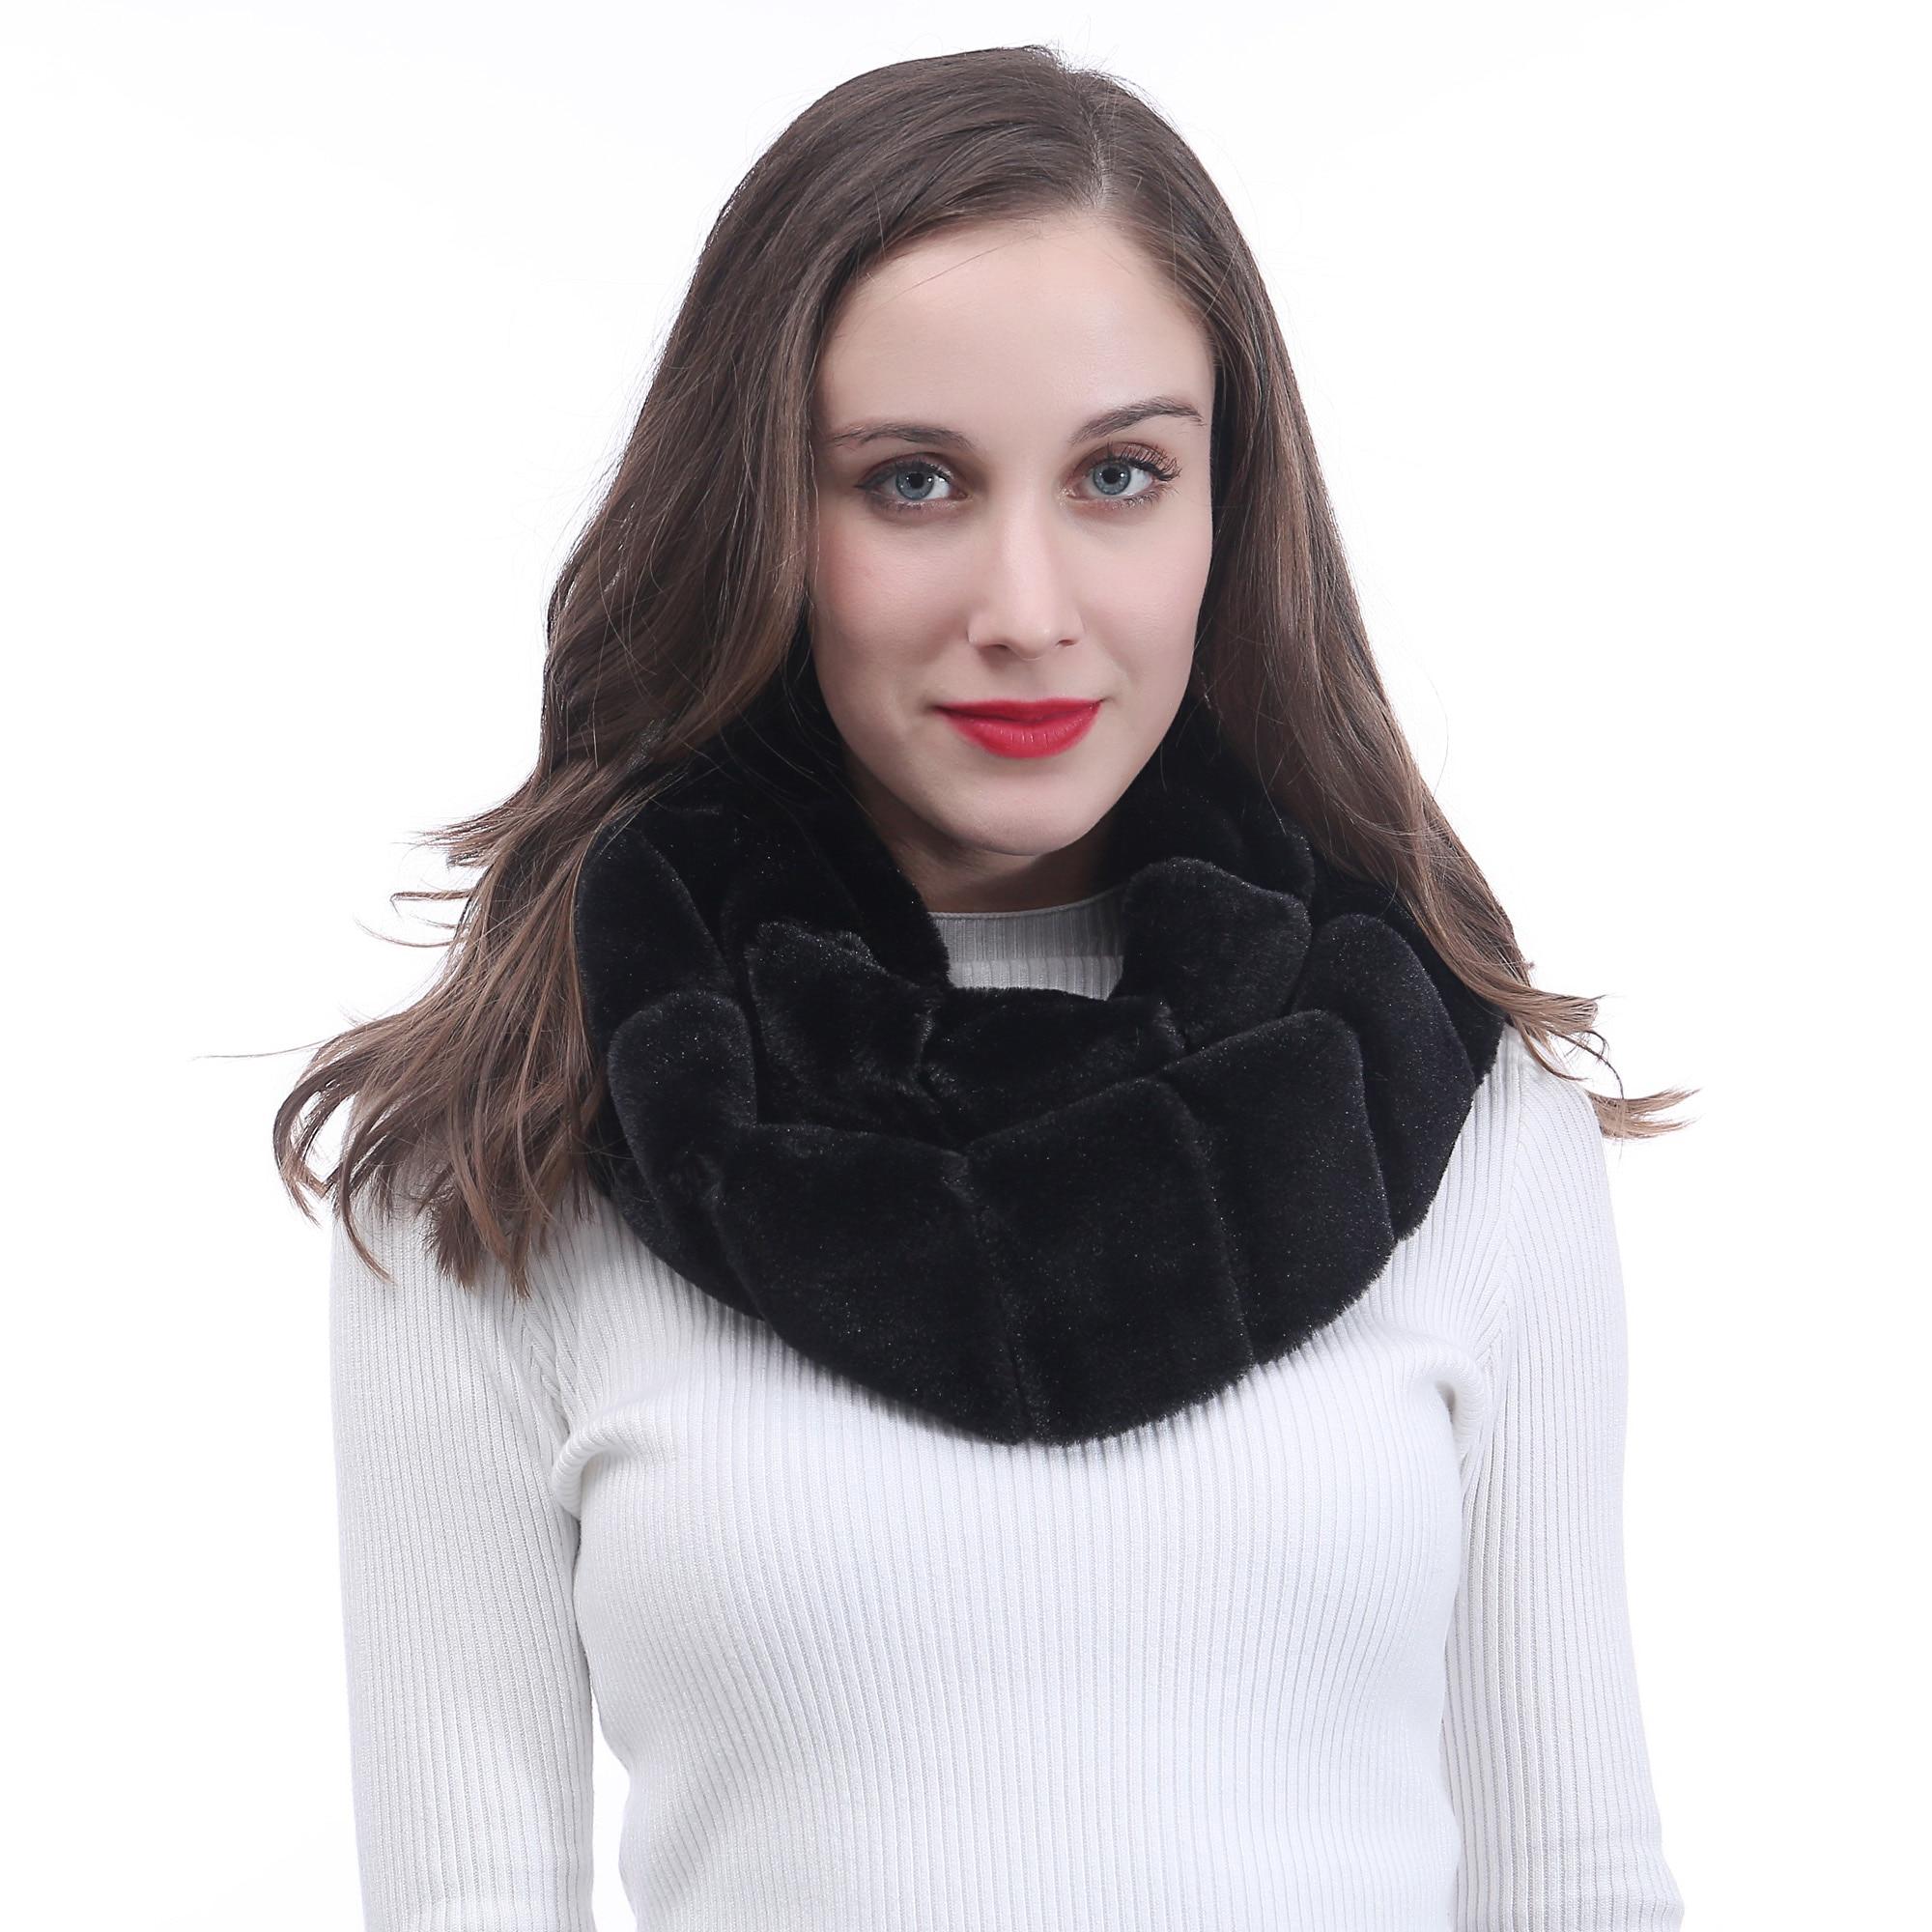 Inverno feminino pele do falso duplo laço cachecol snood pescoço mais quente macio quente